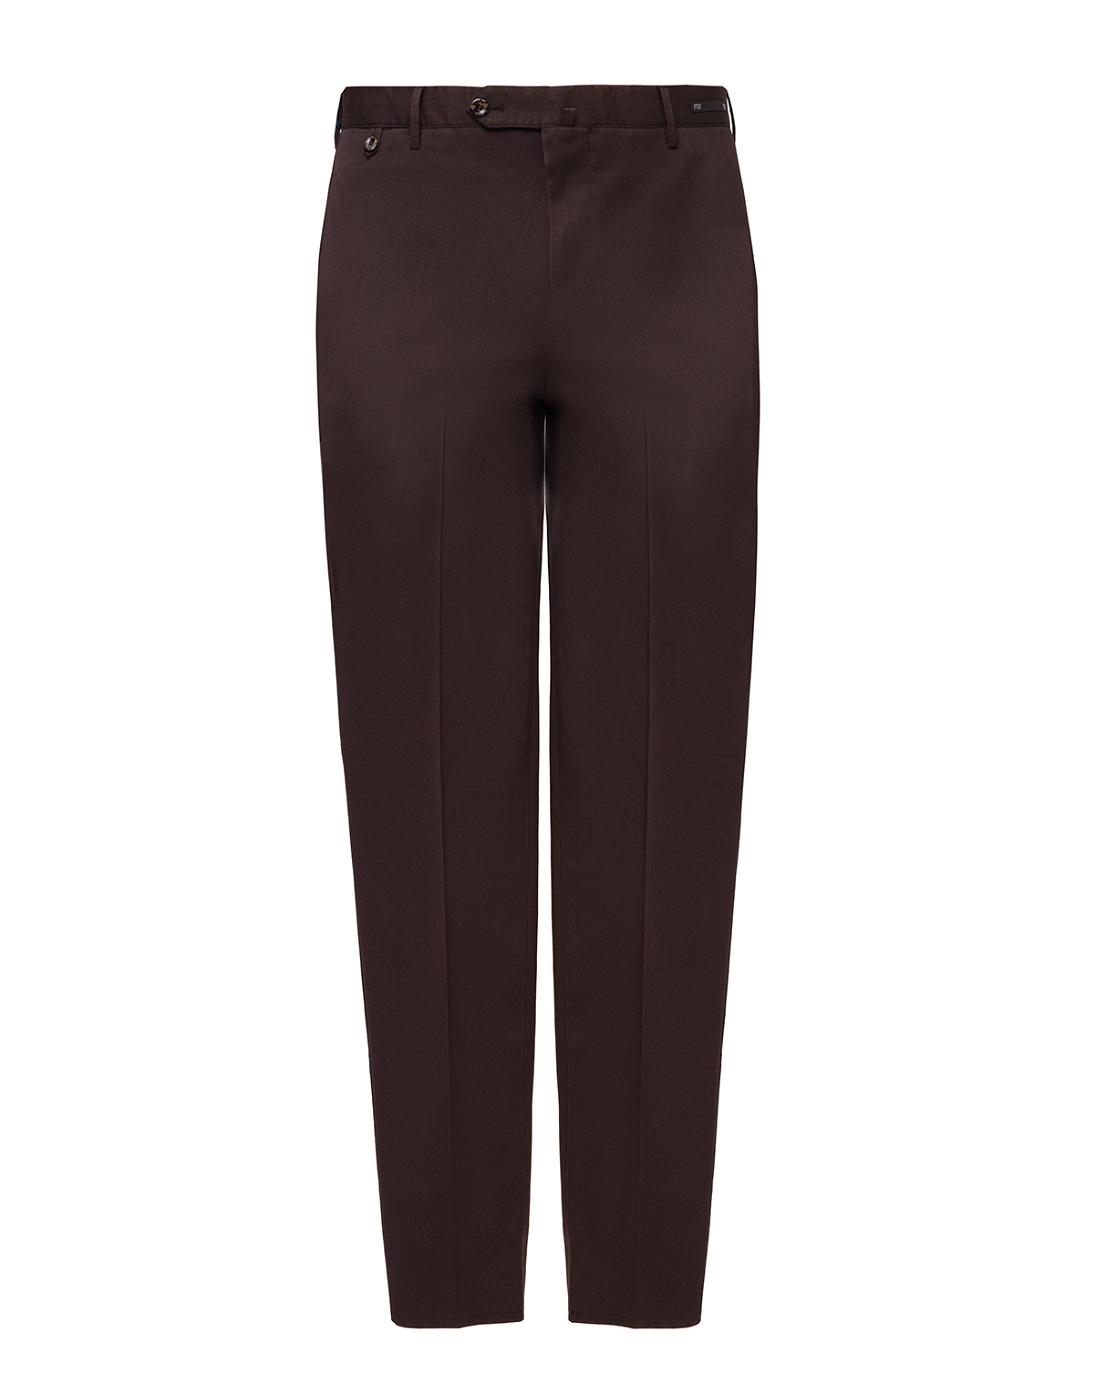 Мужские коричневые шерстяные брюки PT SIX17 0180-1